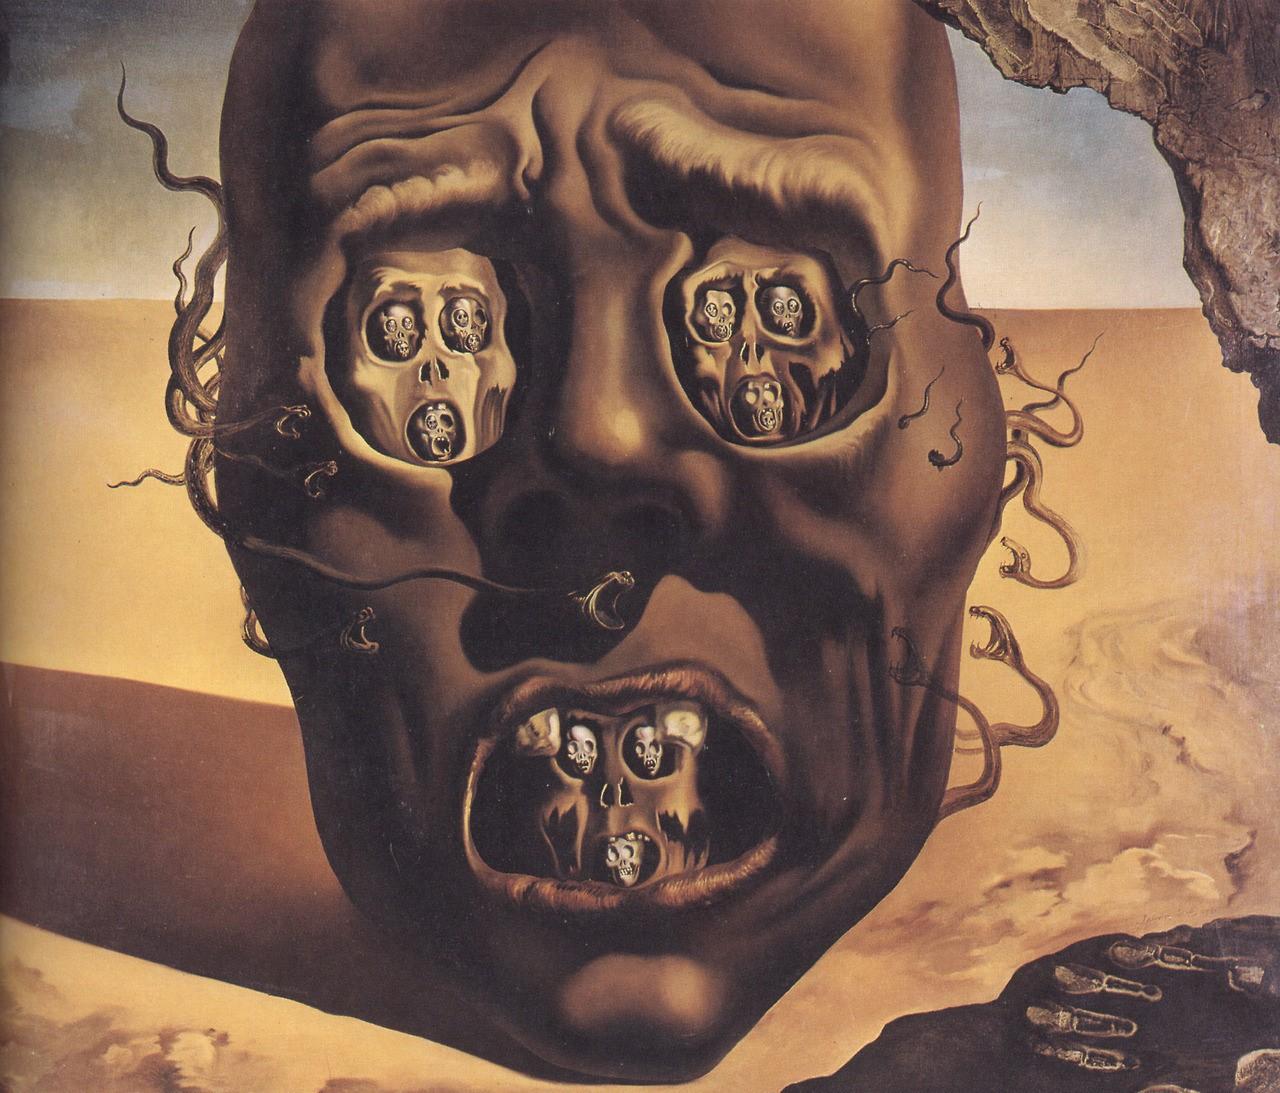 لوحة وجه الحرب (لا كارا دي لا غويرا)